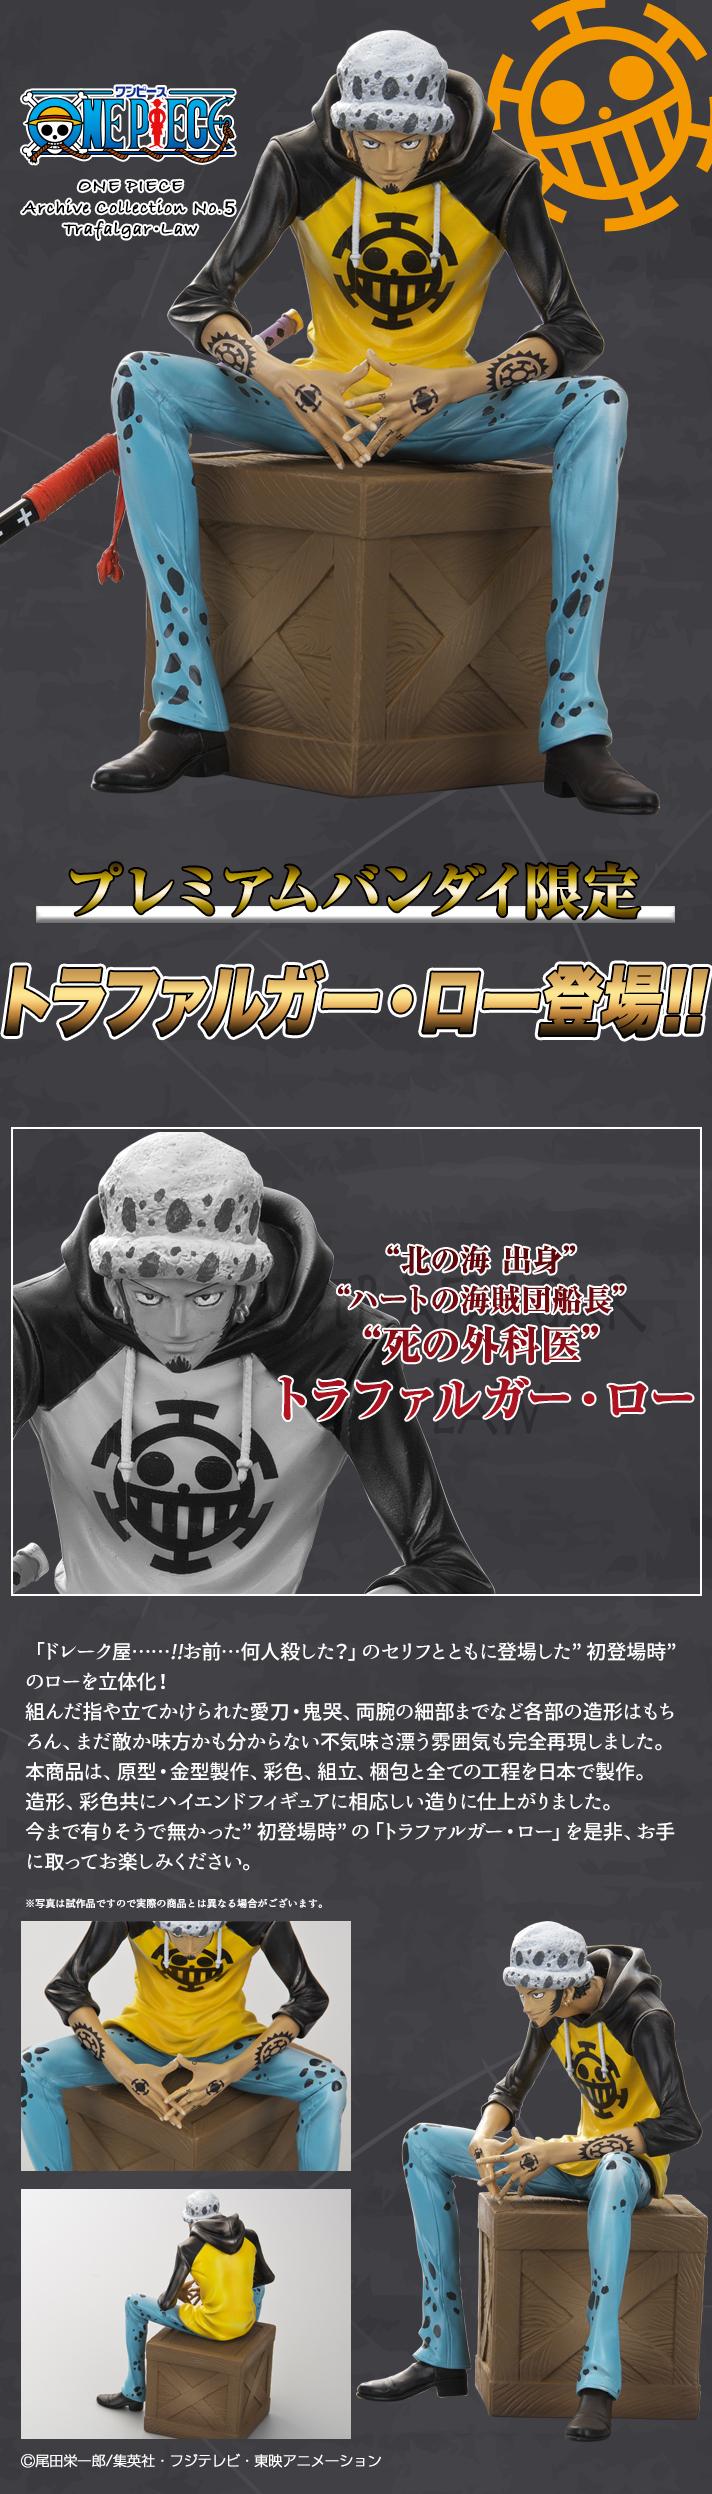 『ARCHIVE COLLECTIONS系列』 No.5《海賊王》托拉法爾加·羅 【魂商店限定】